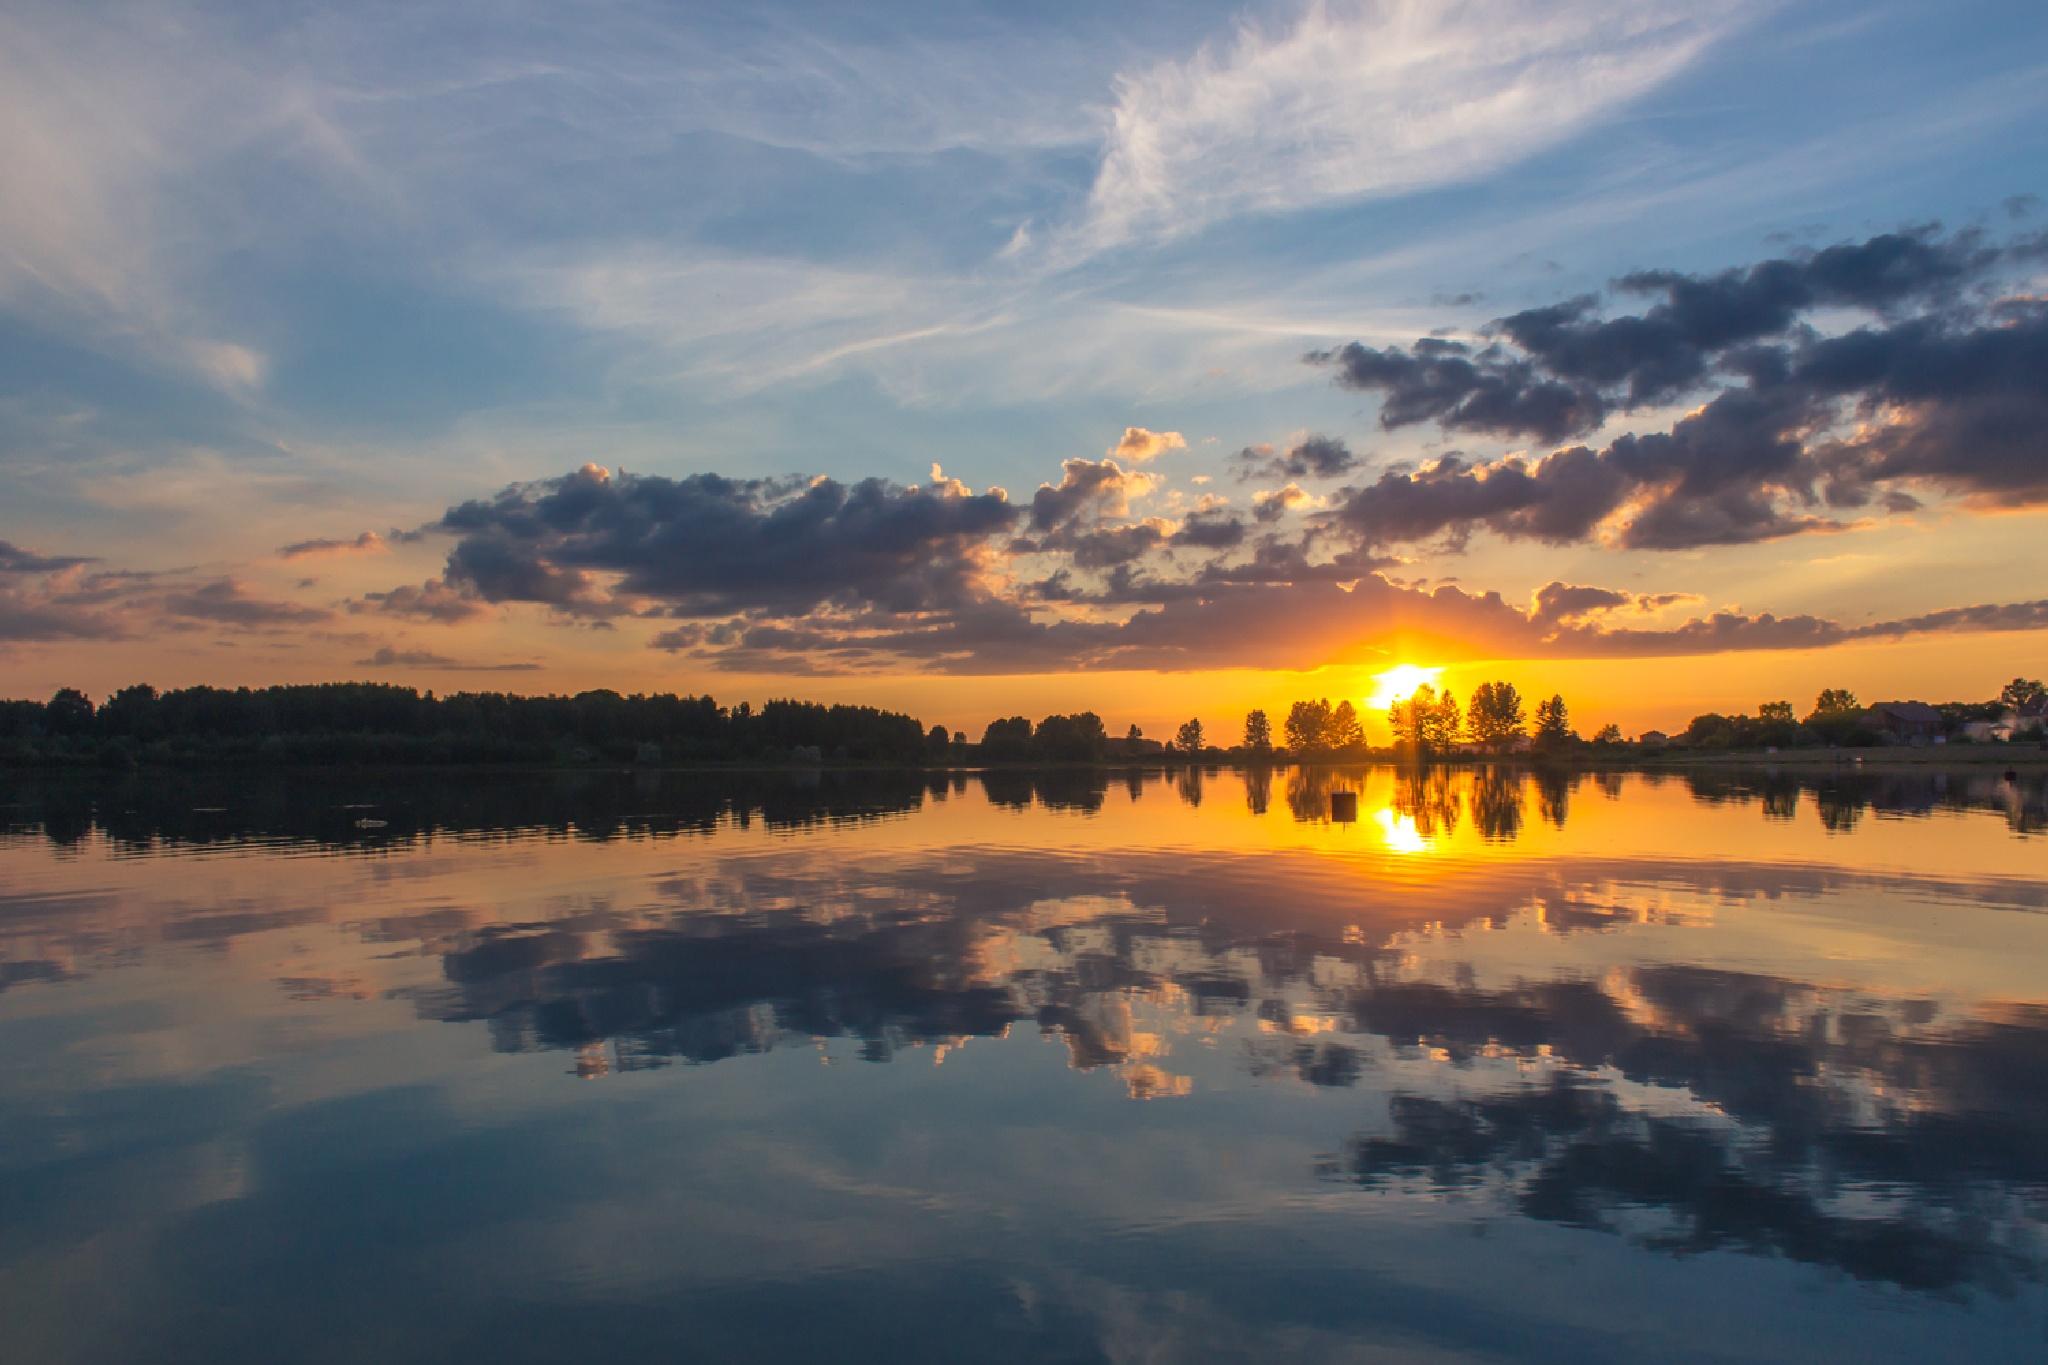 reflection by kozakovs